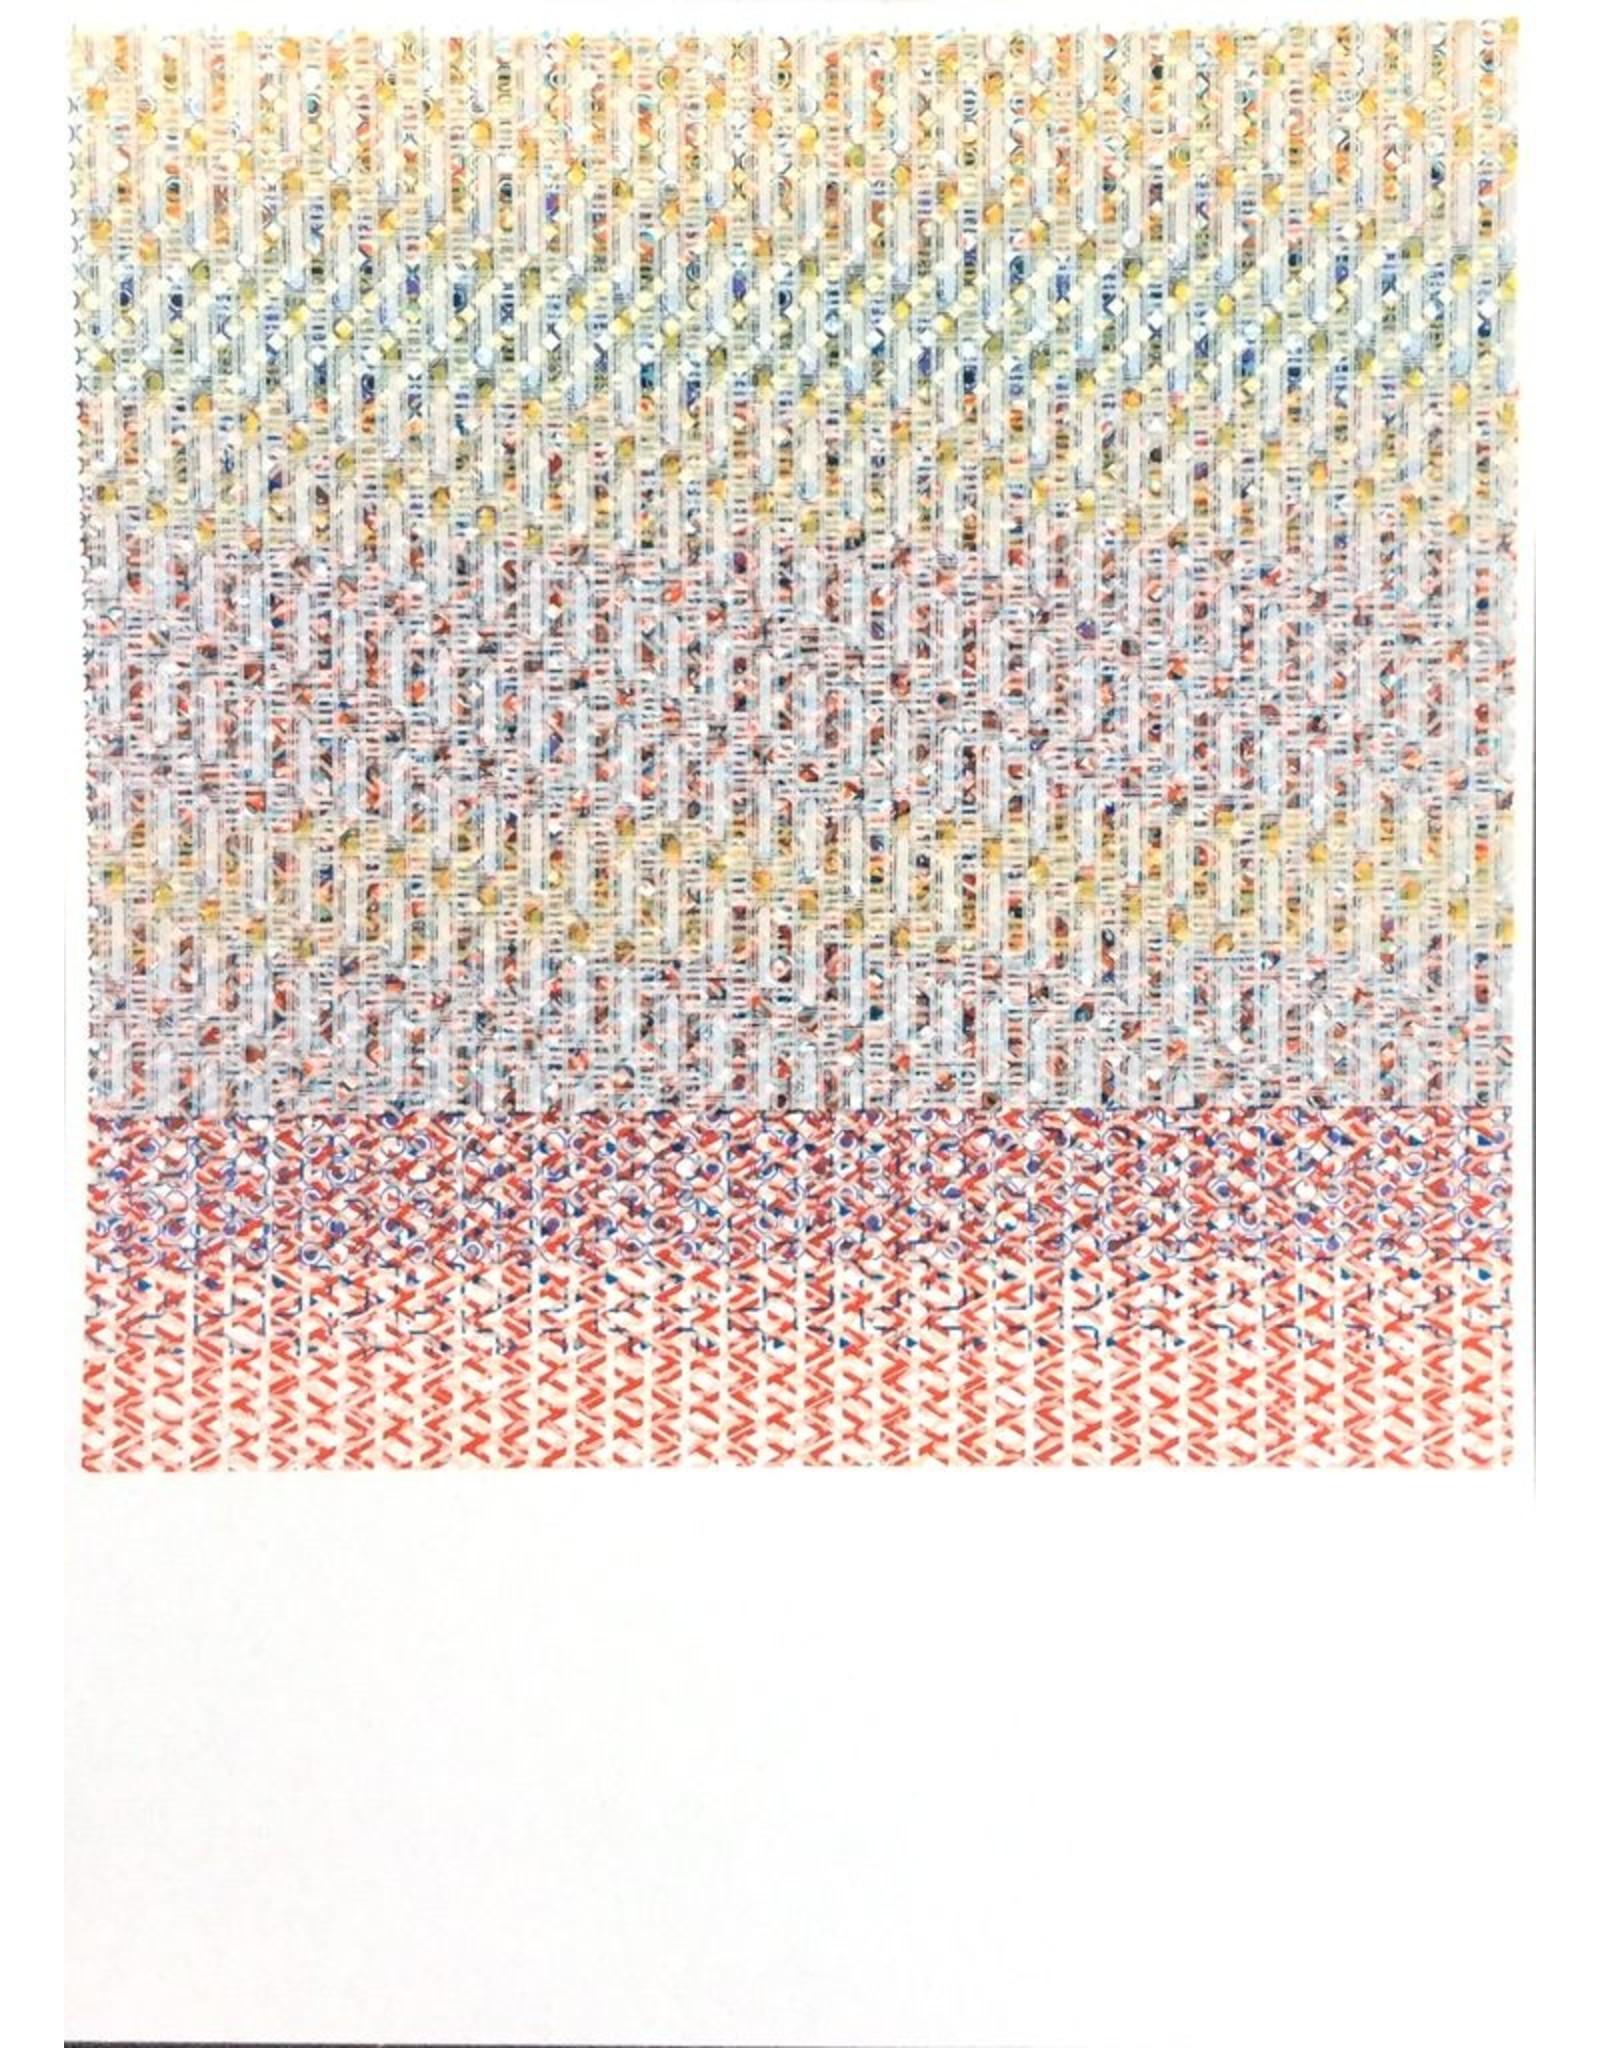 Pichon, Ilana Think: Monotype #051 (125), Ilana Pichon